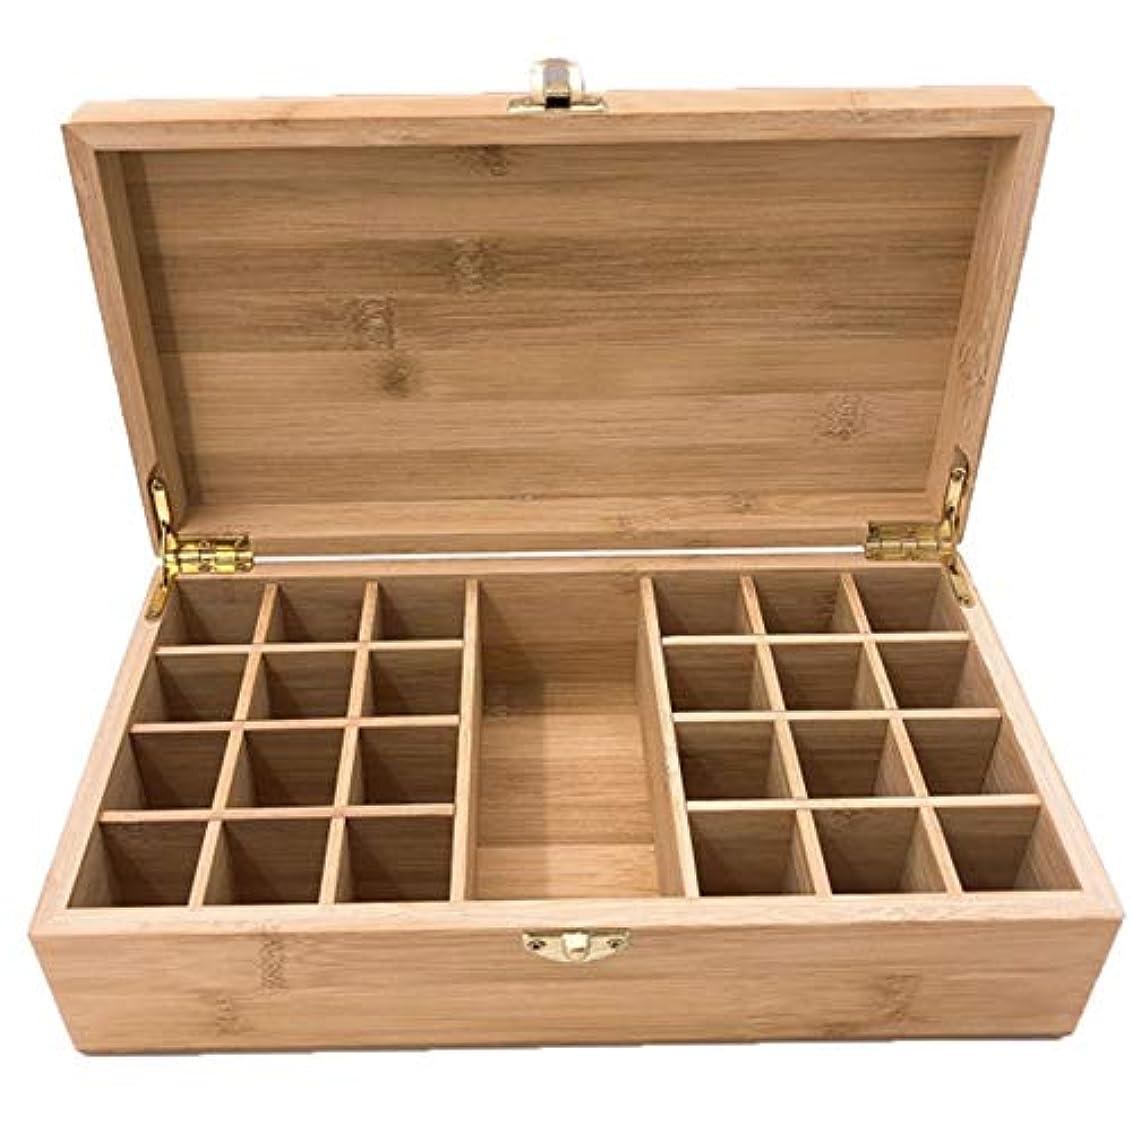 胃ファランクスもつれエッセンシャルオイルストレージボックスケース木製??の主催者は25本のキャリングセーフボトルやホームストレージの表示を保持します アロマセラピー製品 (色 : Natural, サイズ : 27.5X15X8.3CM)